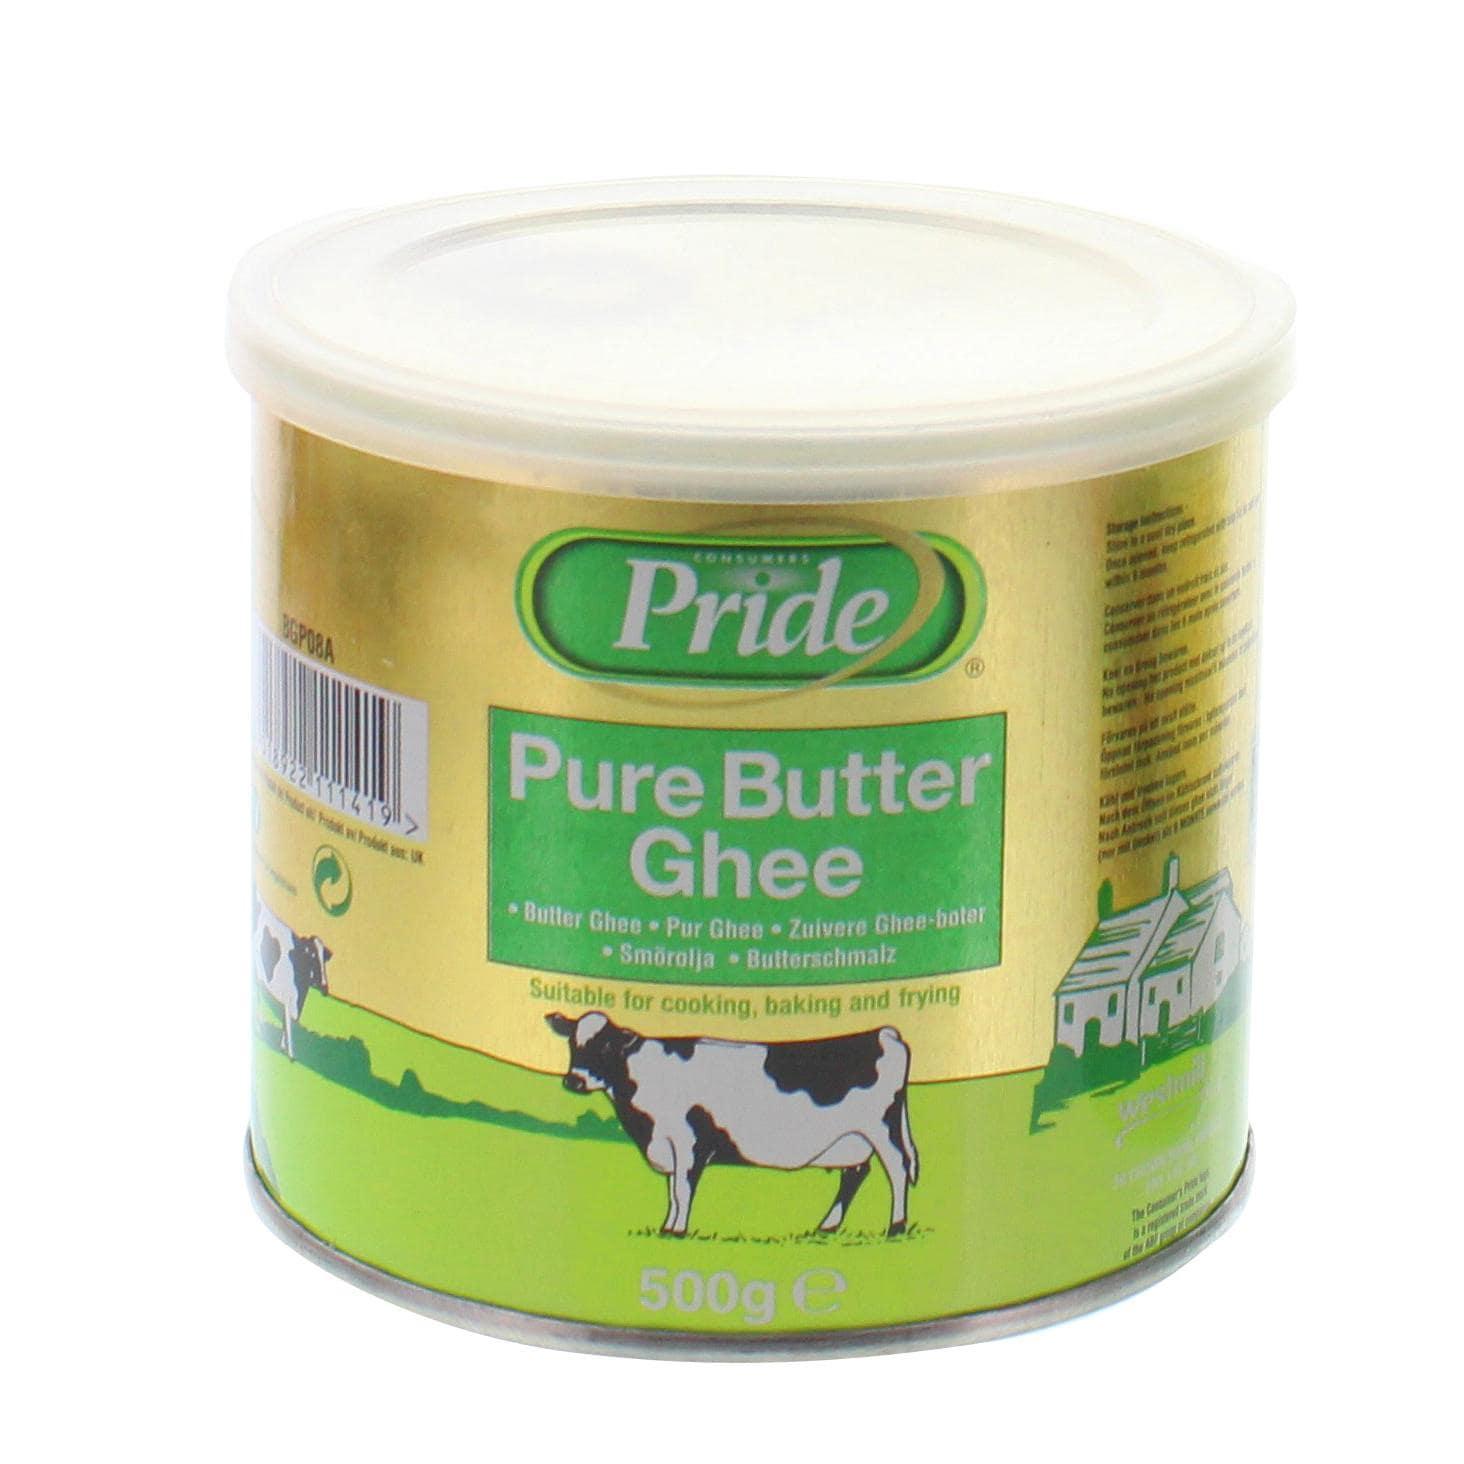 Pride - Pure Butter Ghee Butterschmalz - 500g